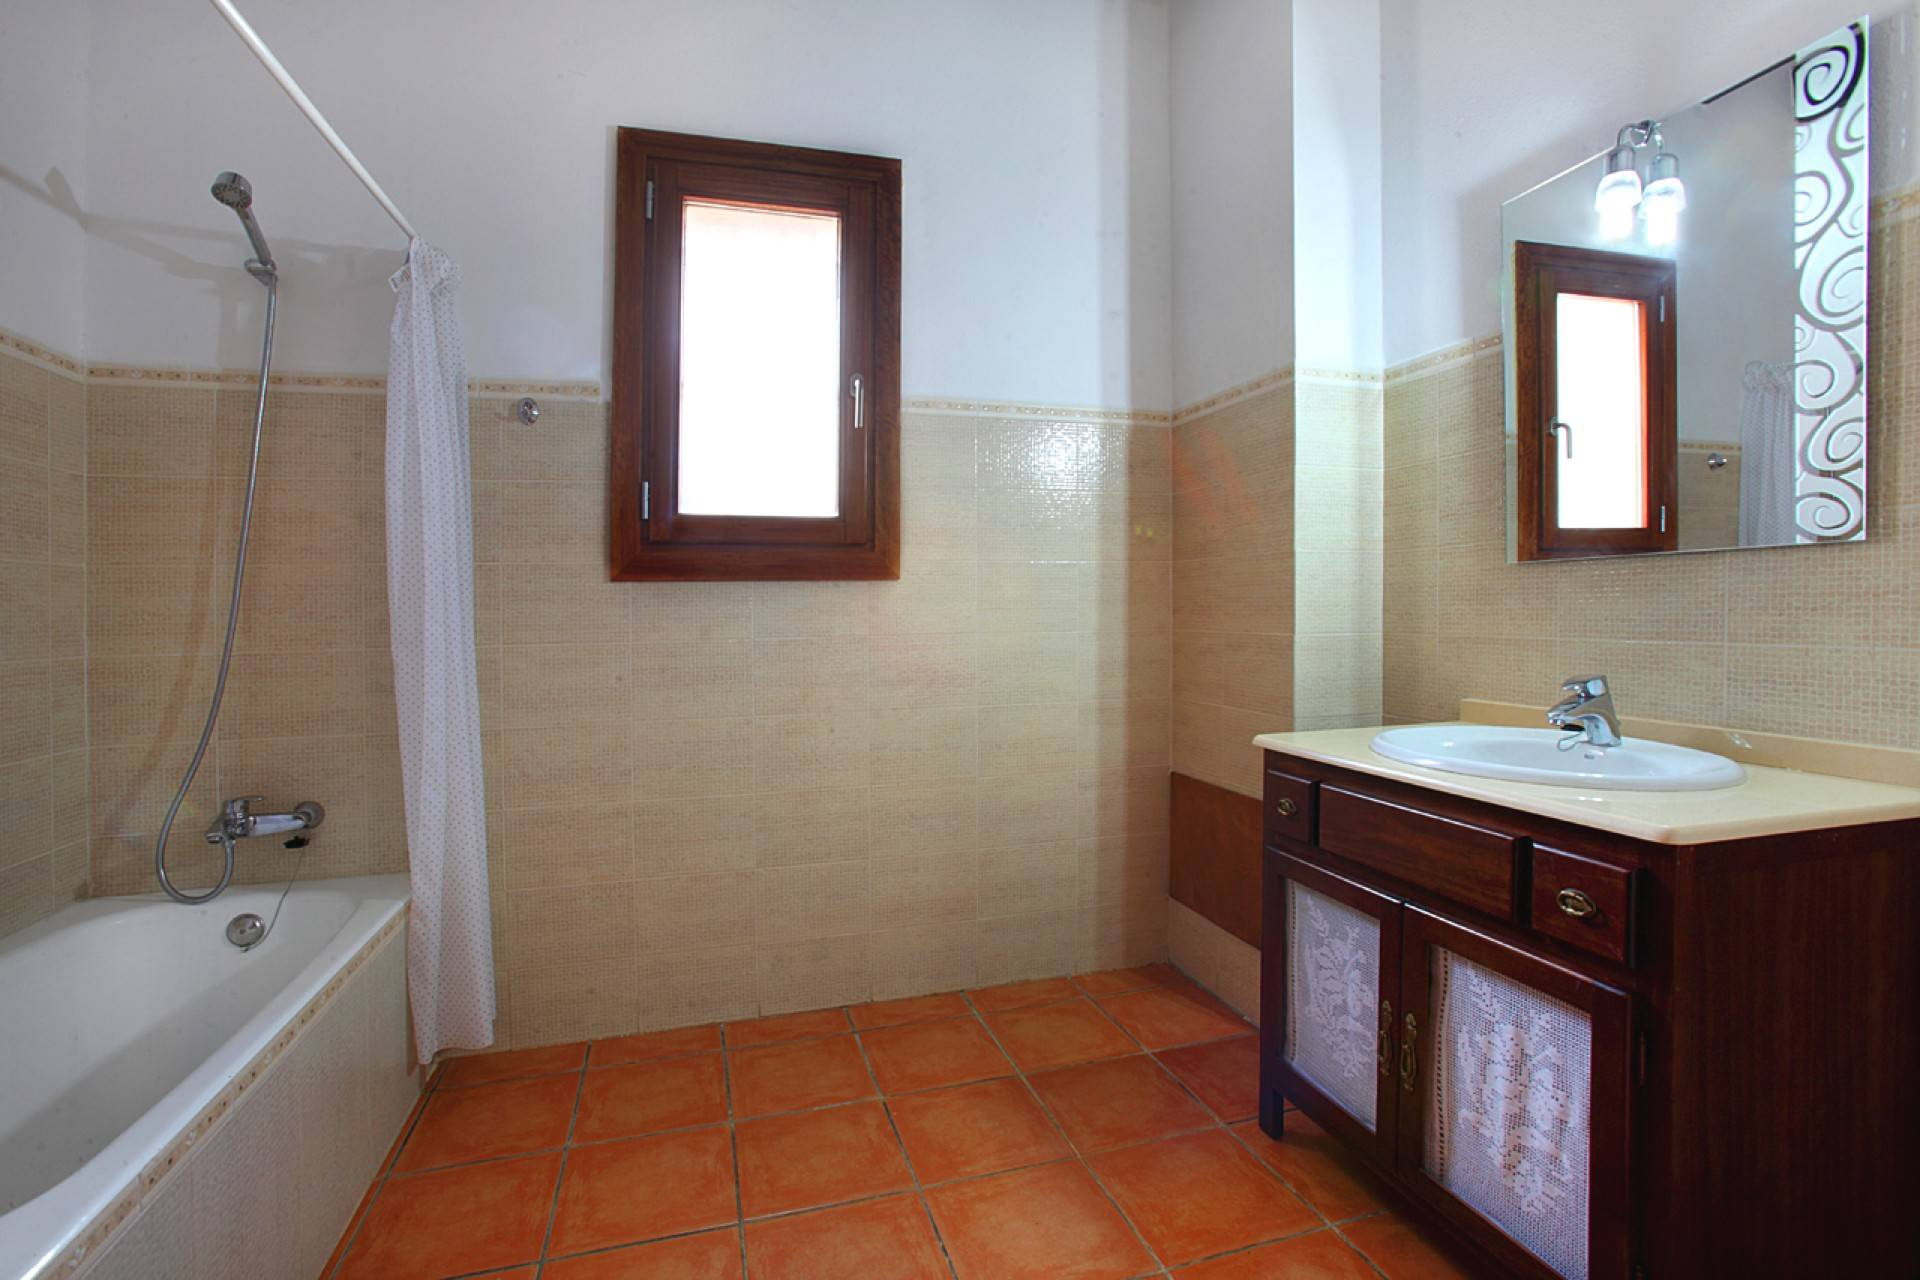 01-142 Rustikales Bauernhaus Mallorca Osten Bild 13